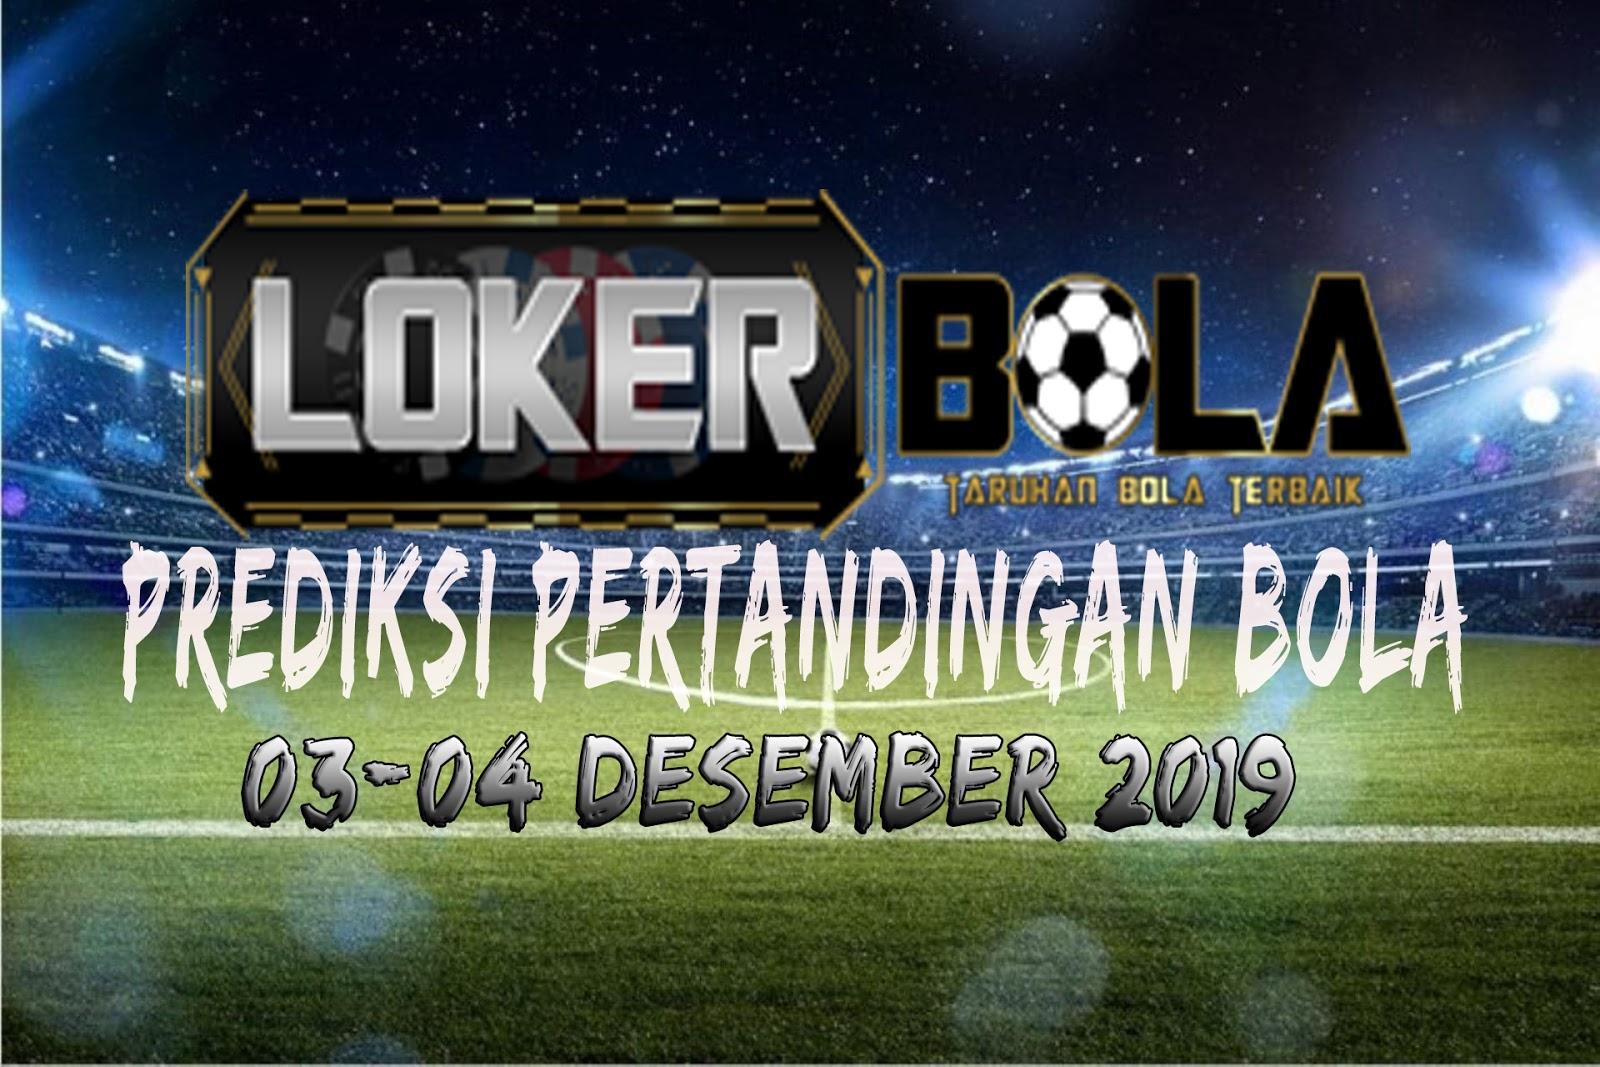 PREDIKSI PERTANDINGAN BOLA 03 – 04 DESEMBER 2019